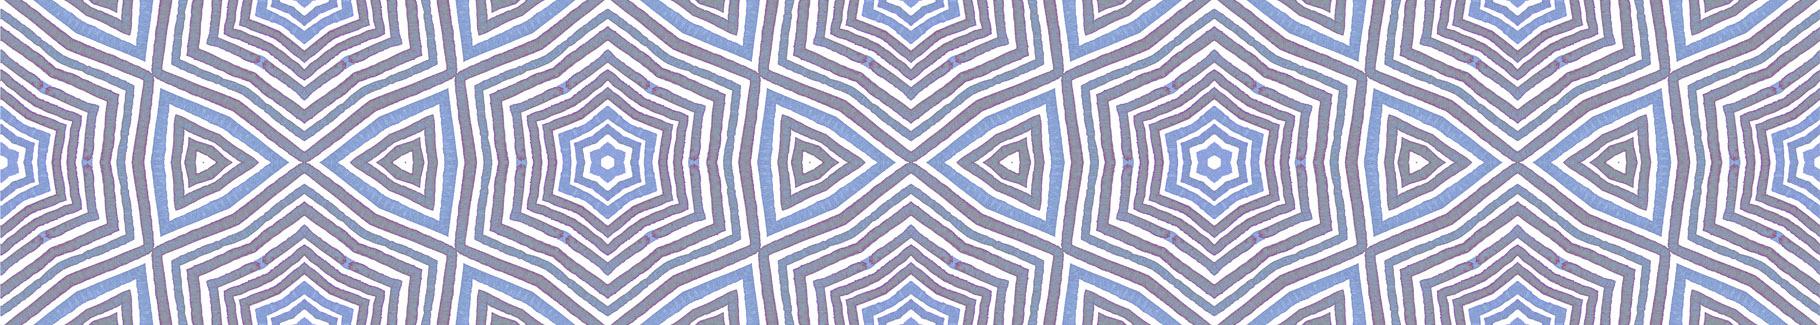 Obraz styl skandynawski w geometryczny deseń